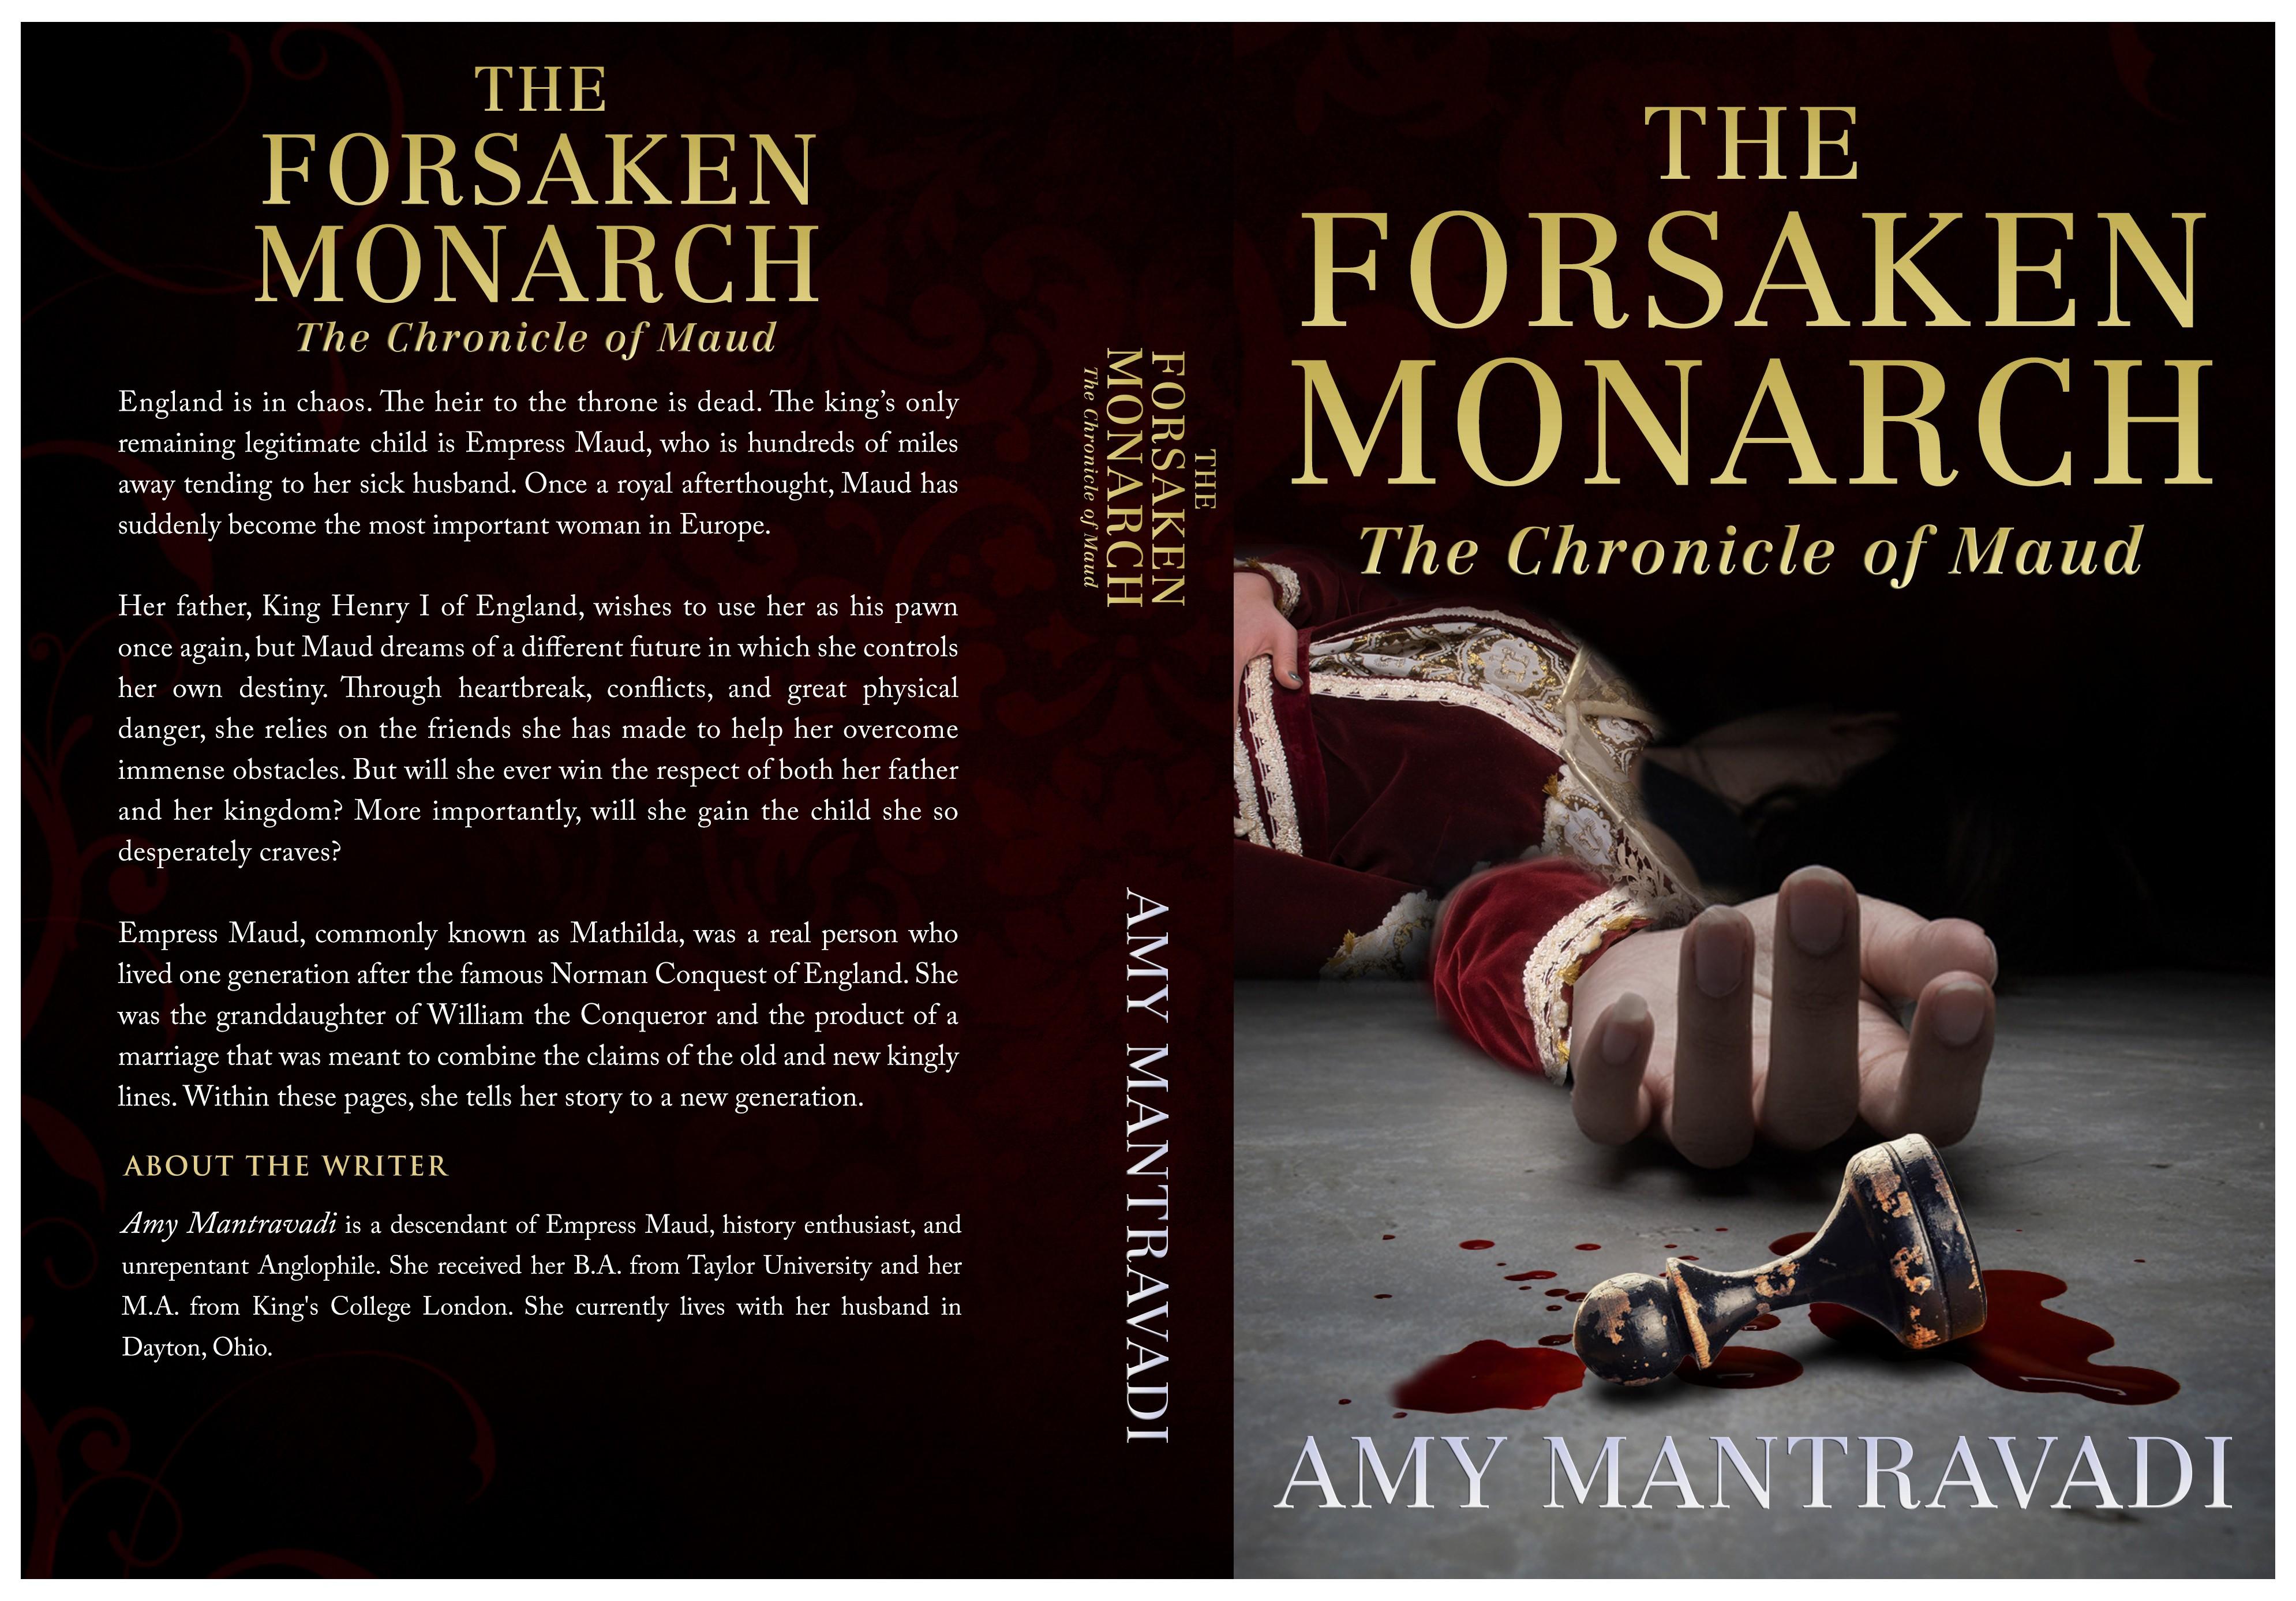 The Forsaken Monarch